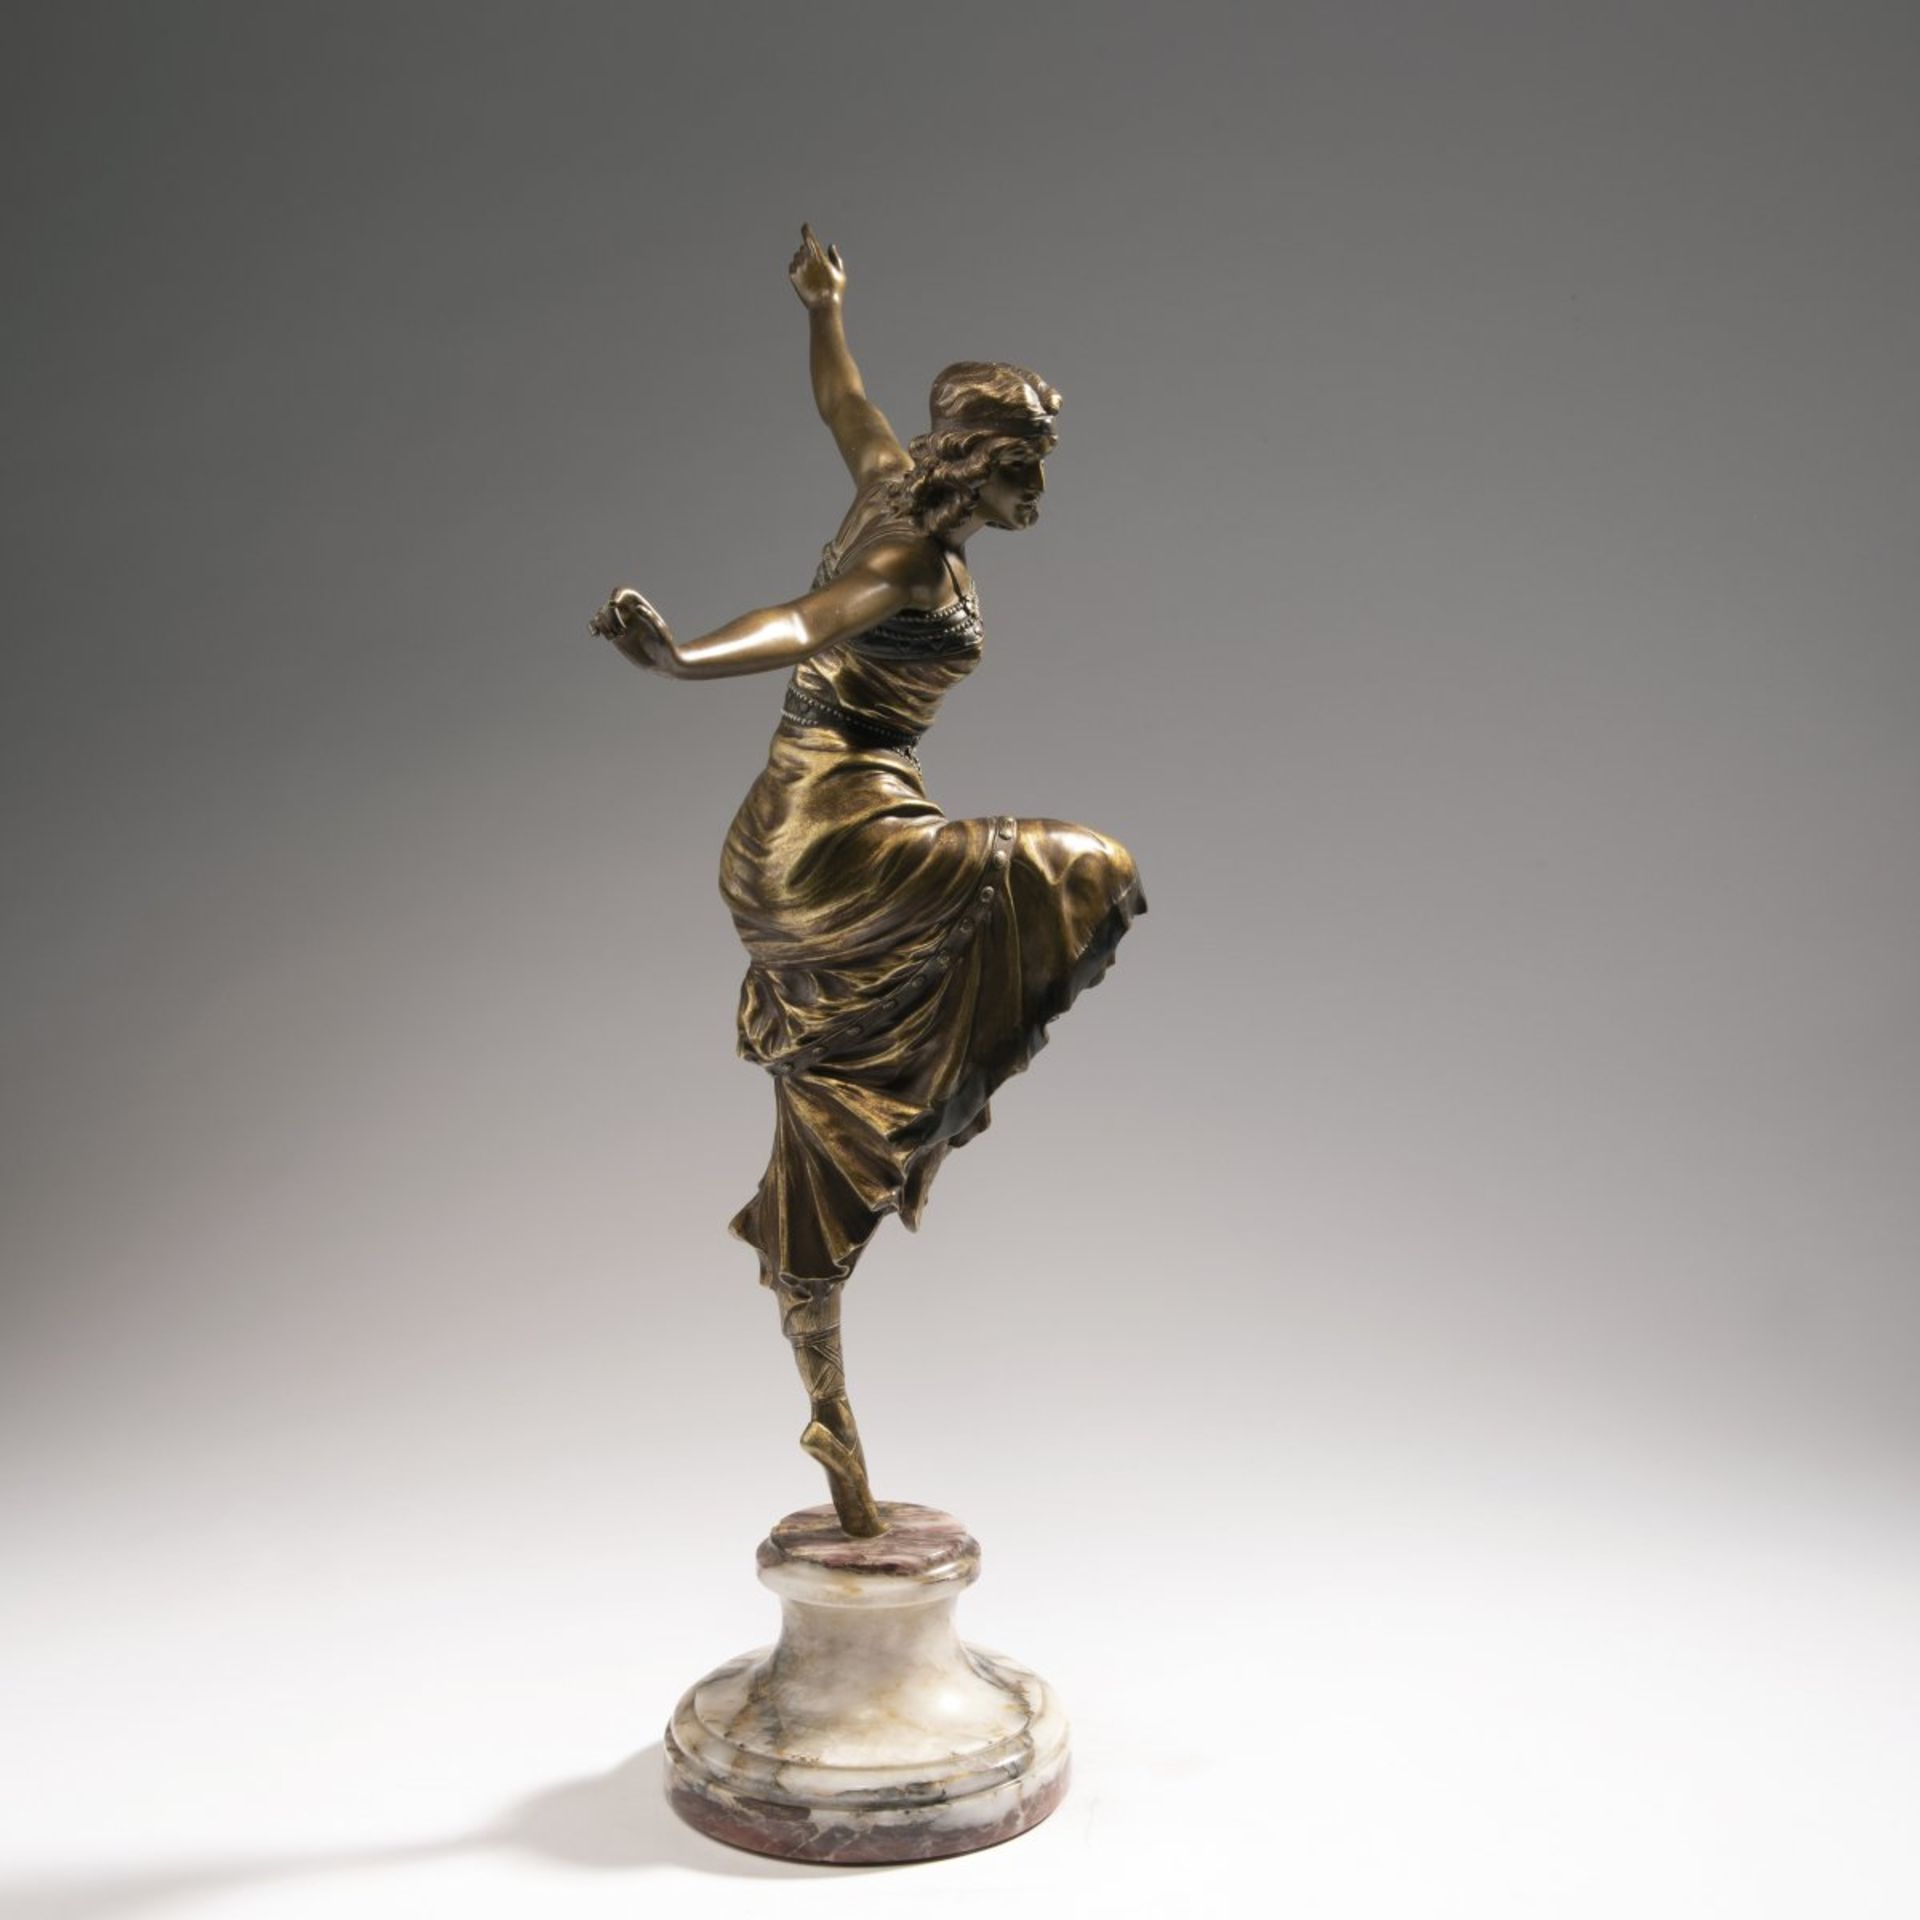 Paul Philippe, 'Große Russische Tänzerin', 1920er Jahre - Bild 5 aus 8